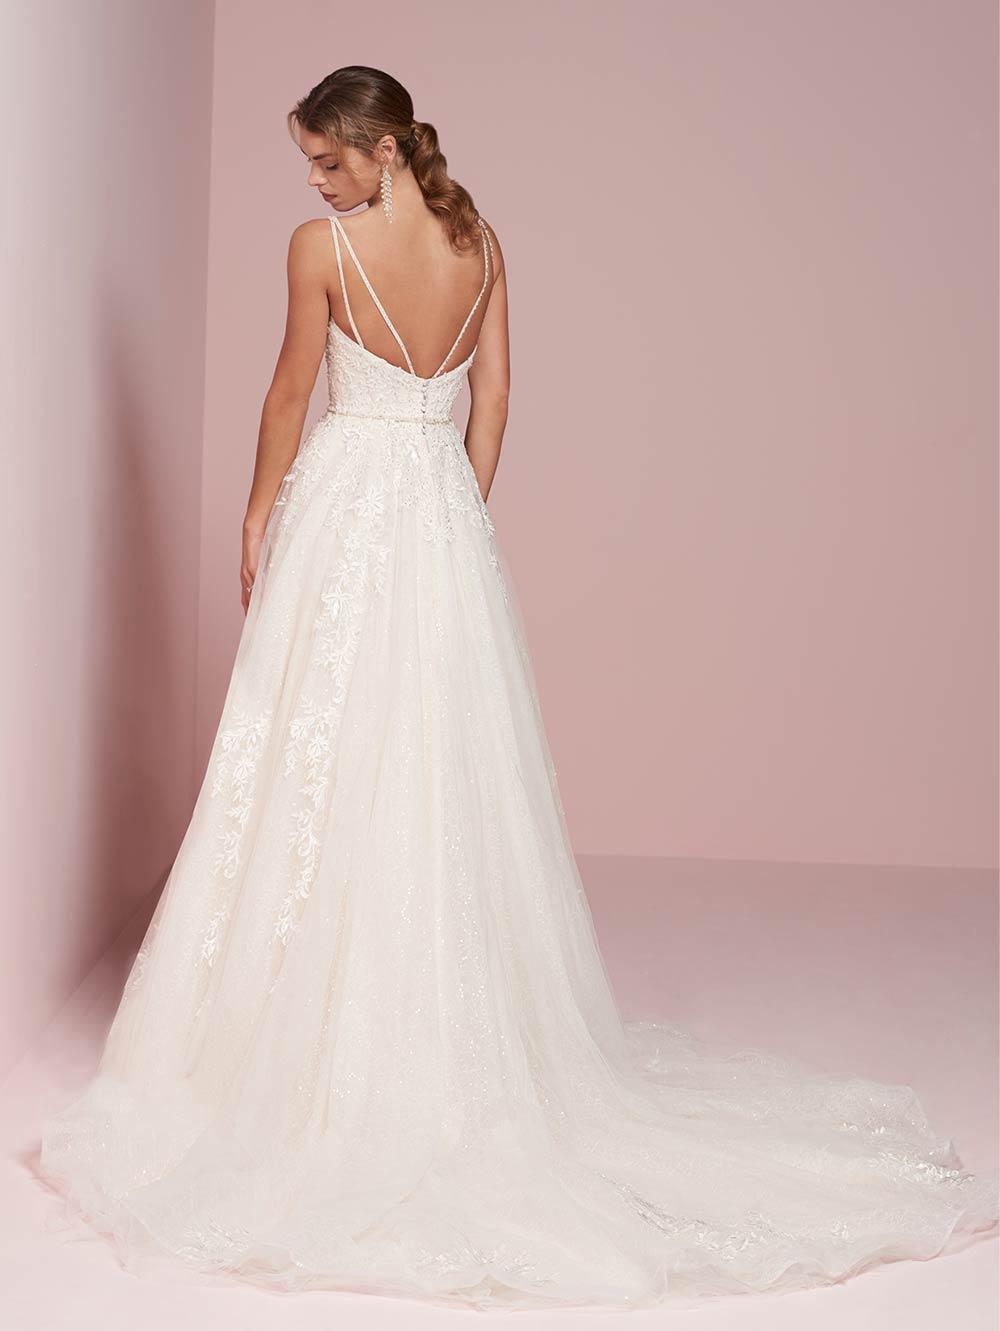 bridal-gowns-jacquelin-bridals-canada-27620